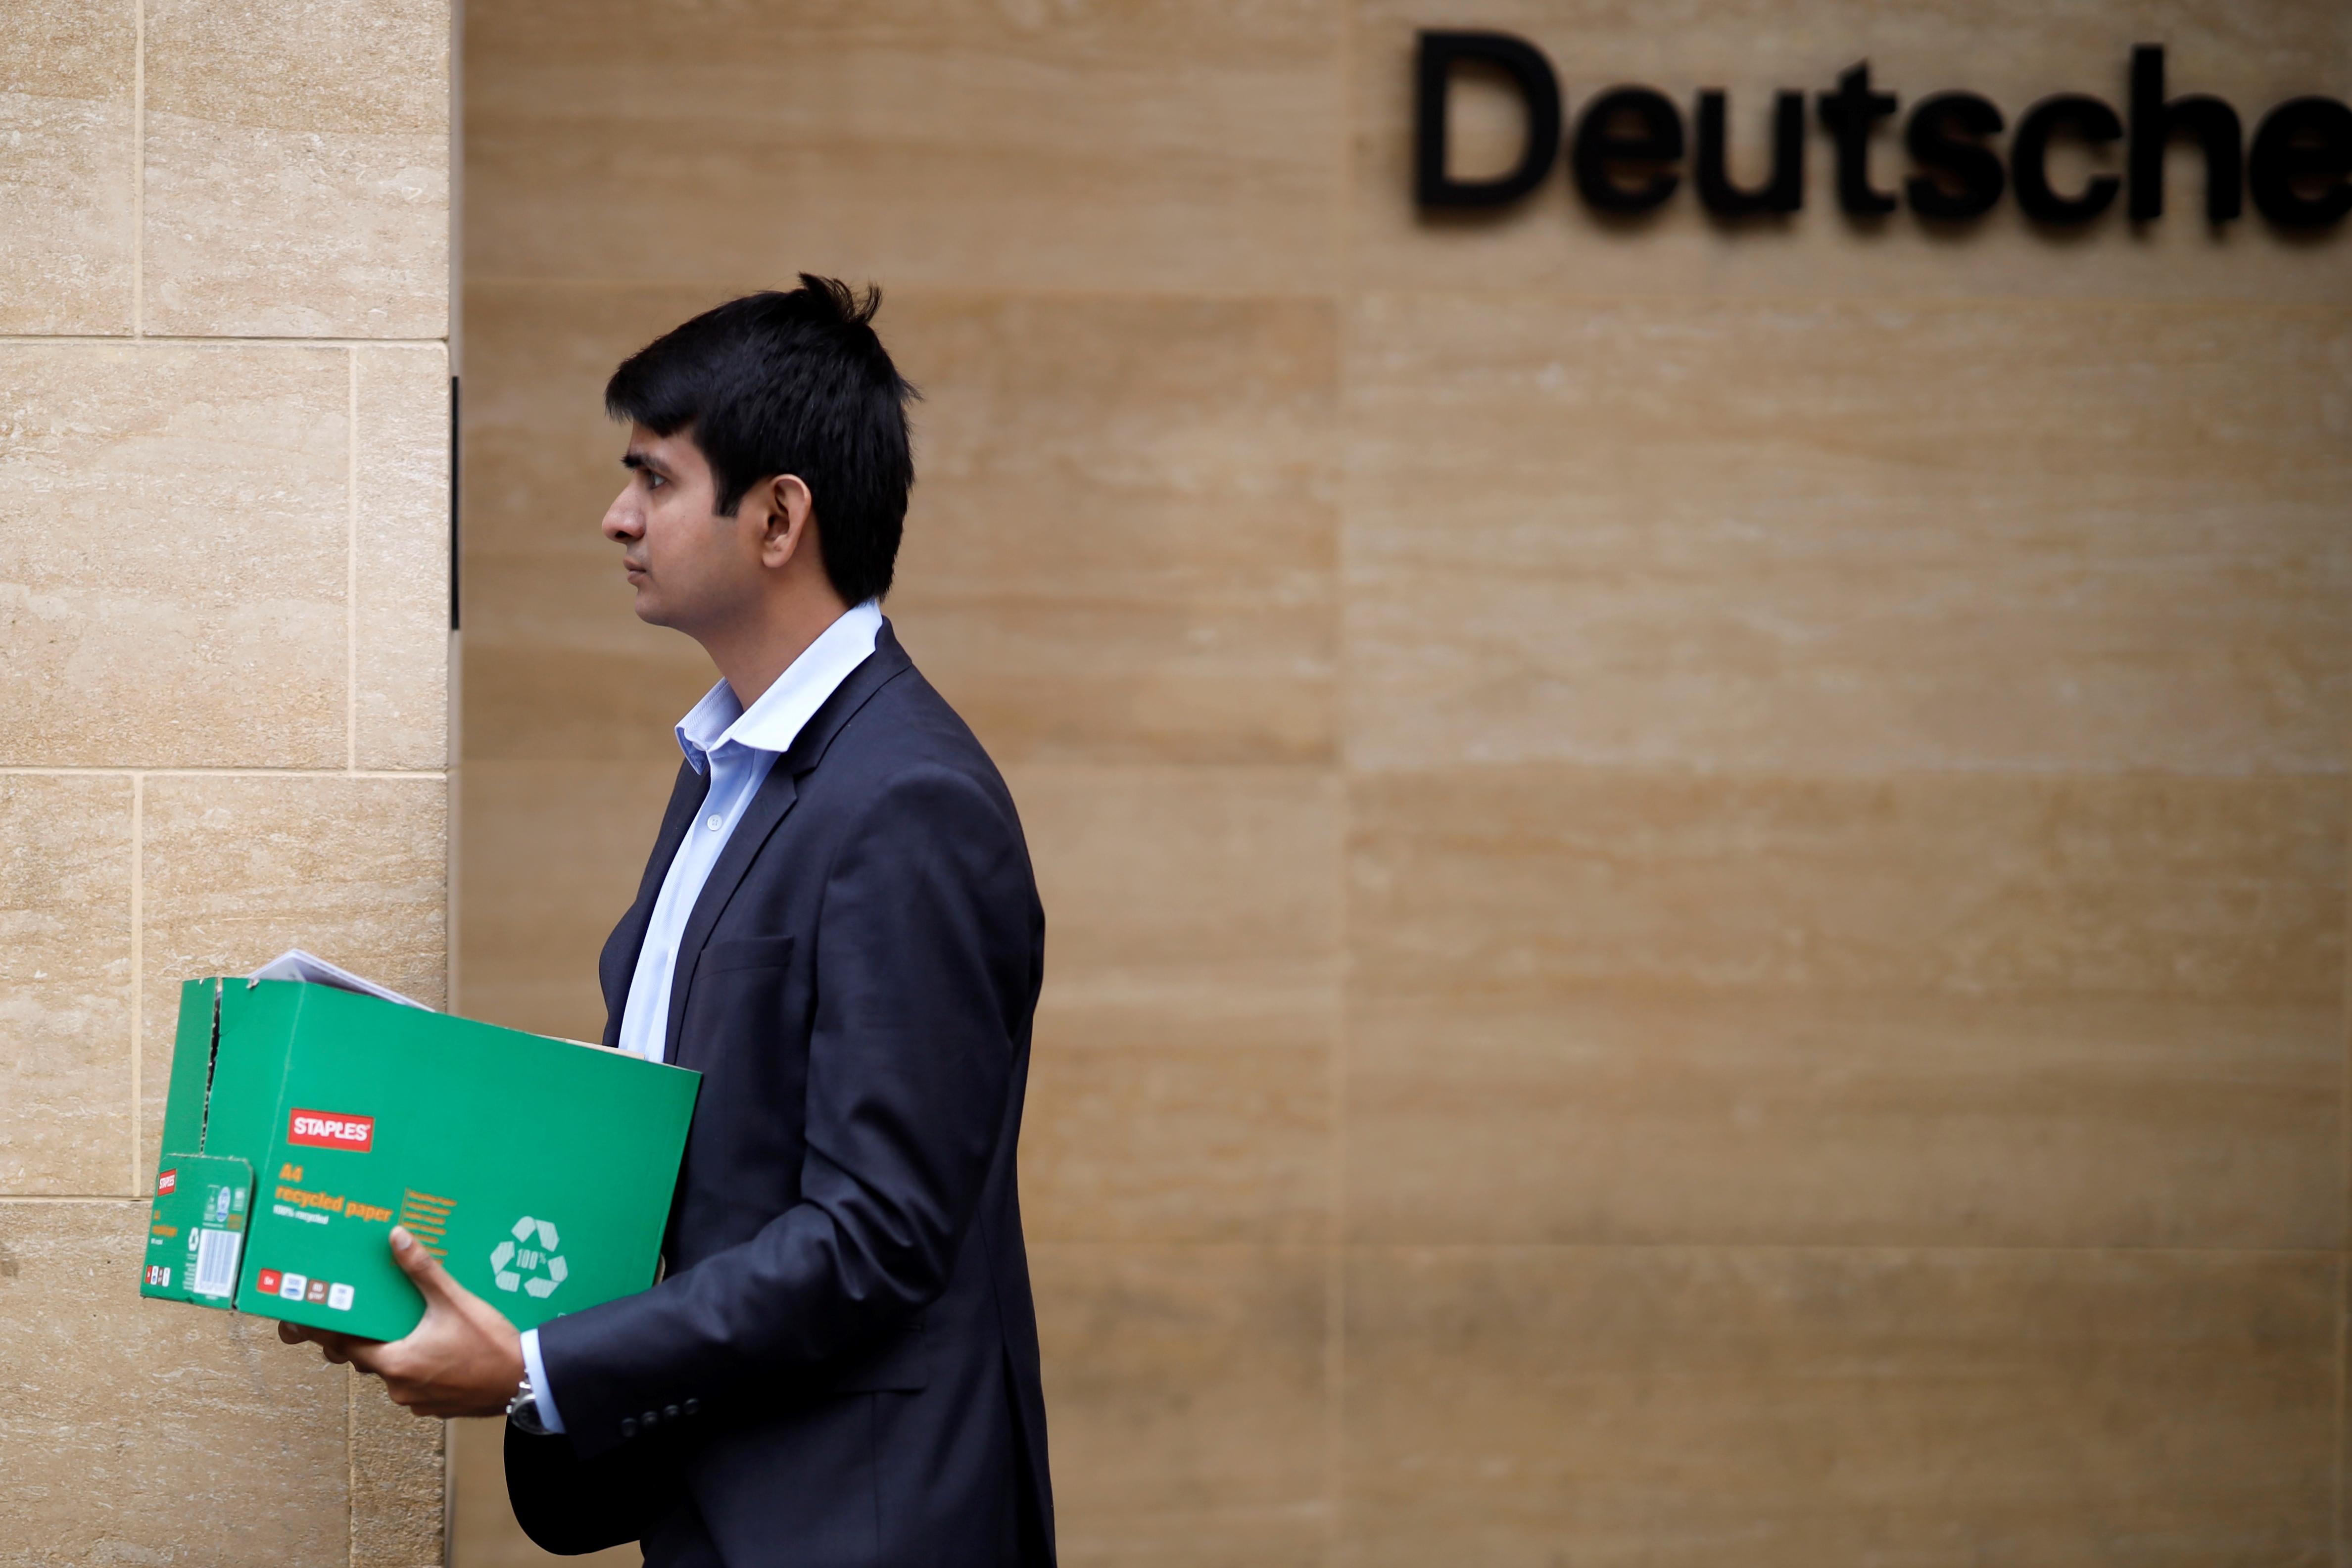 Megkezdték a tömeges leépítést a Deutsche Banknál